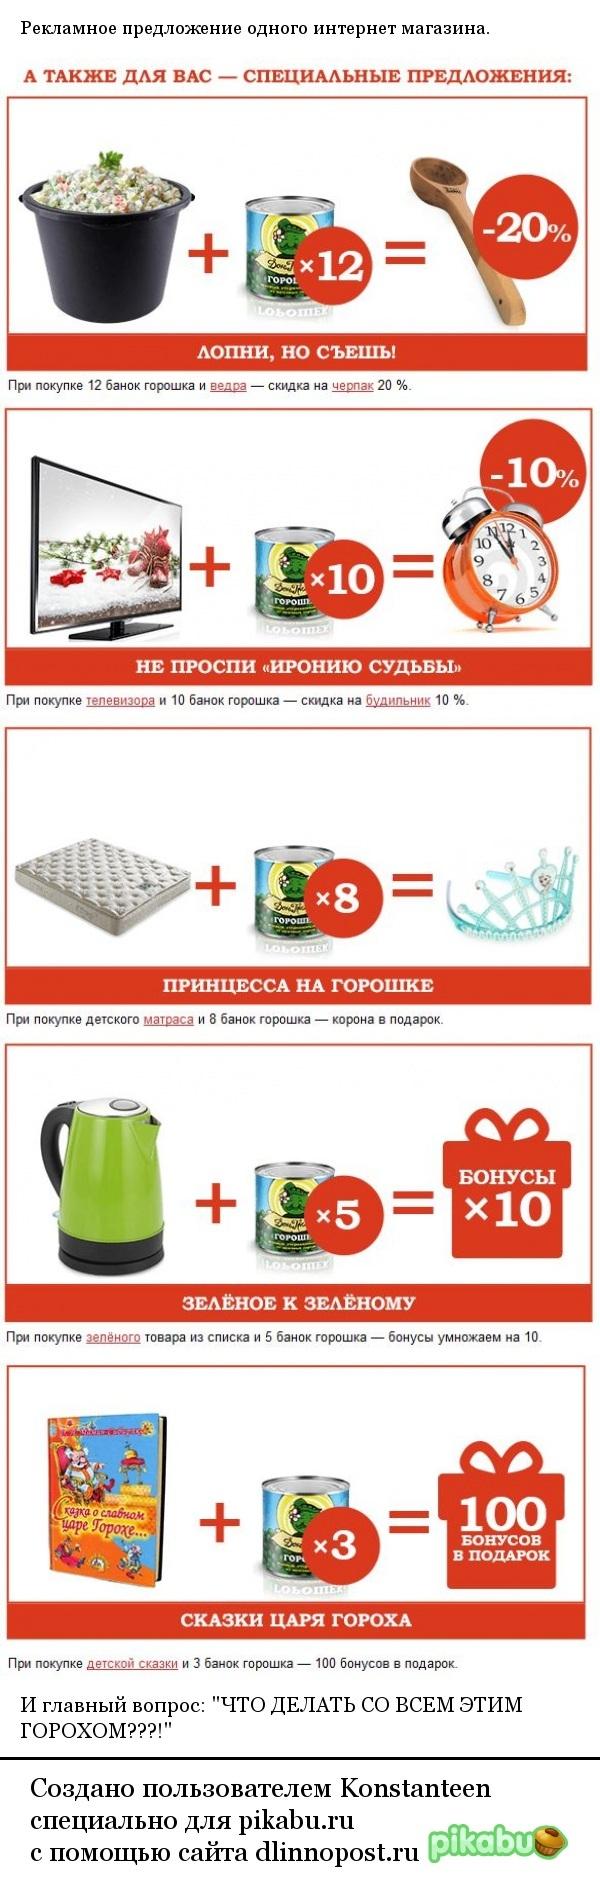 Волшебный горошек Спам, Реклама, Зеленый горошек, Длиннопост, Маркетолог 80-го